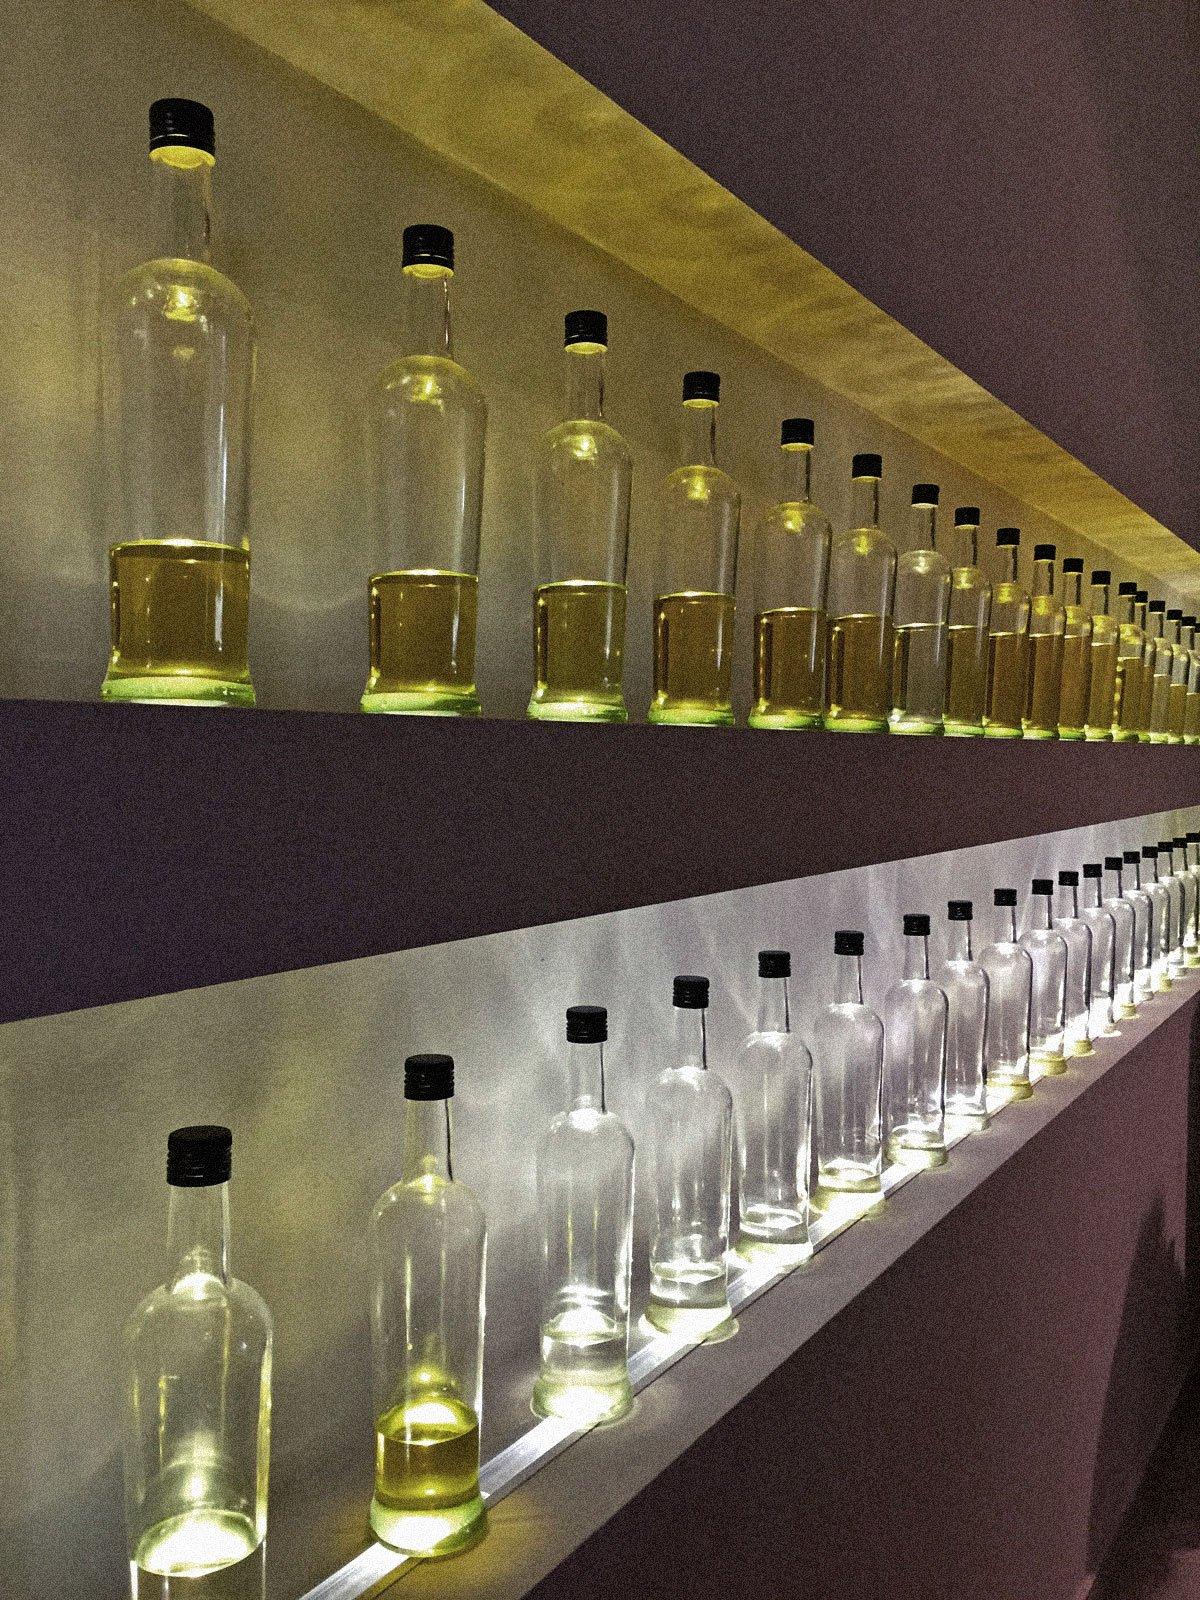 Decorative olive oil in jars